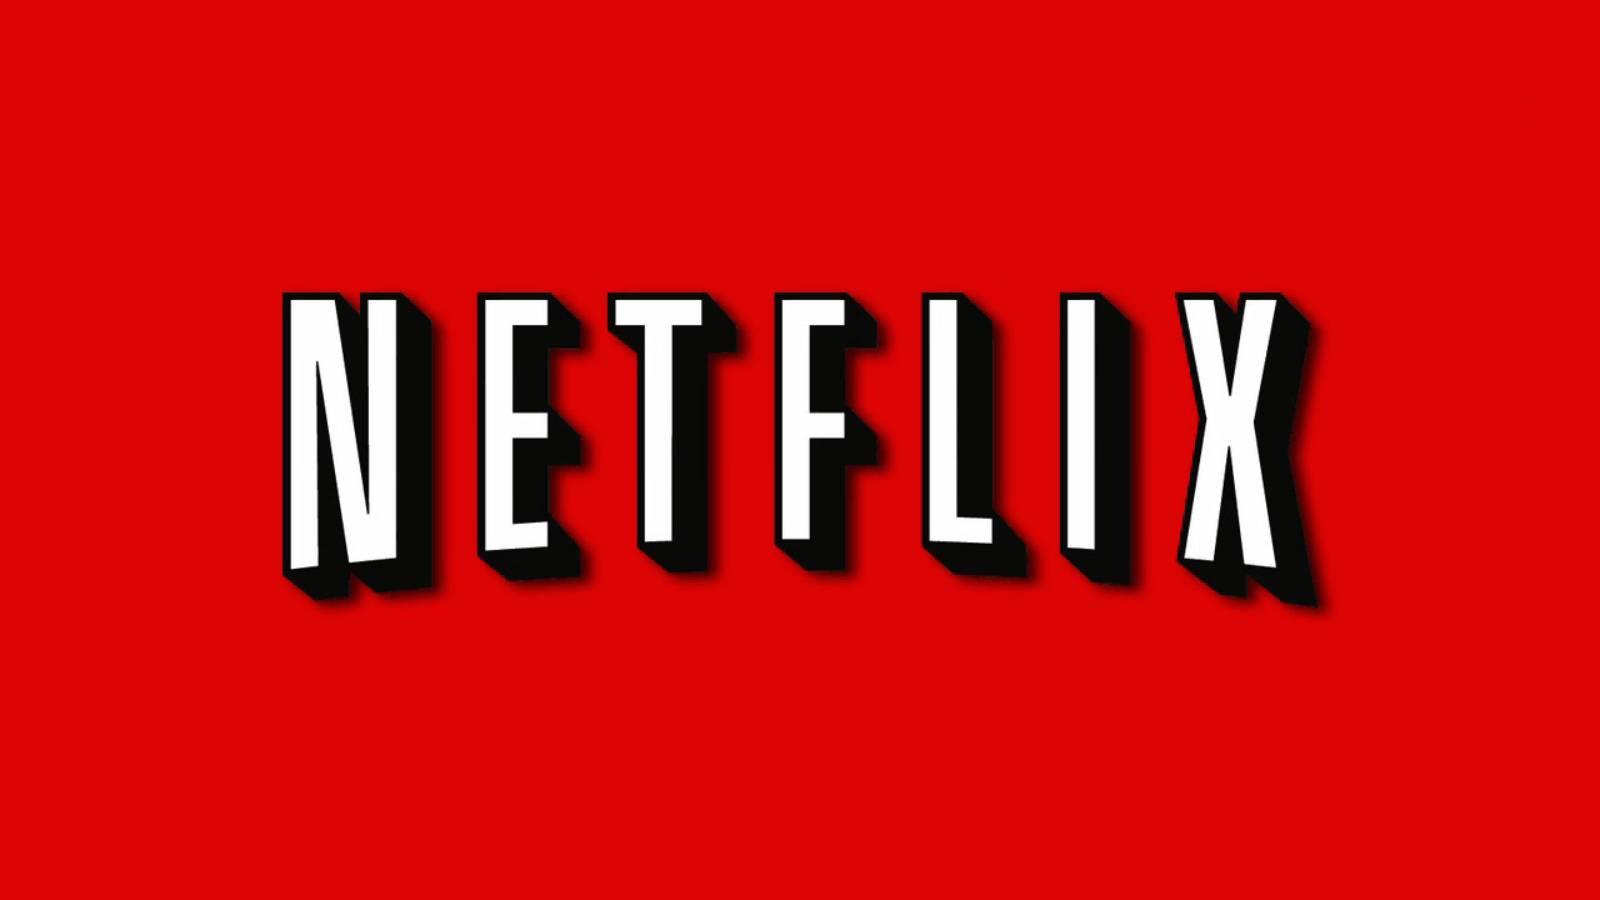 Netflix mesaj